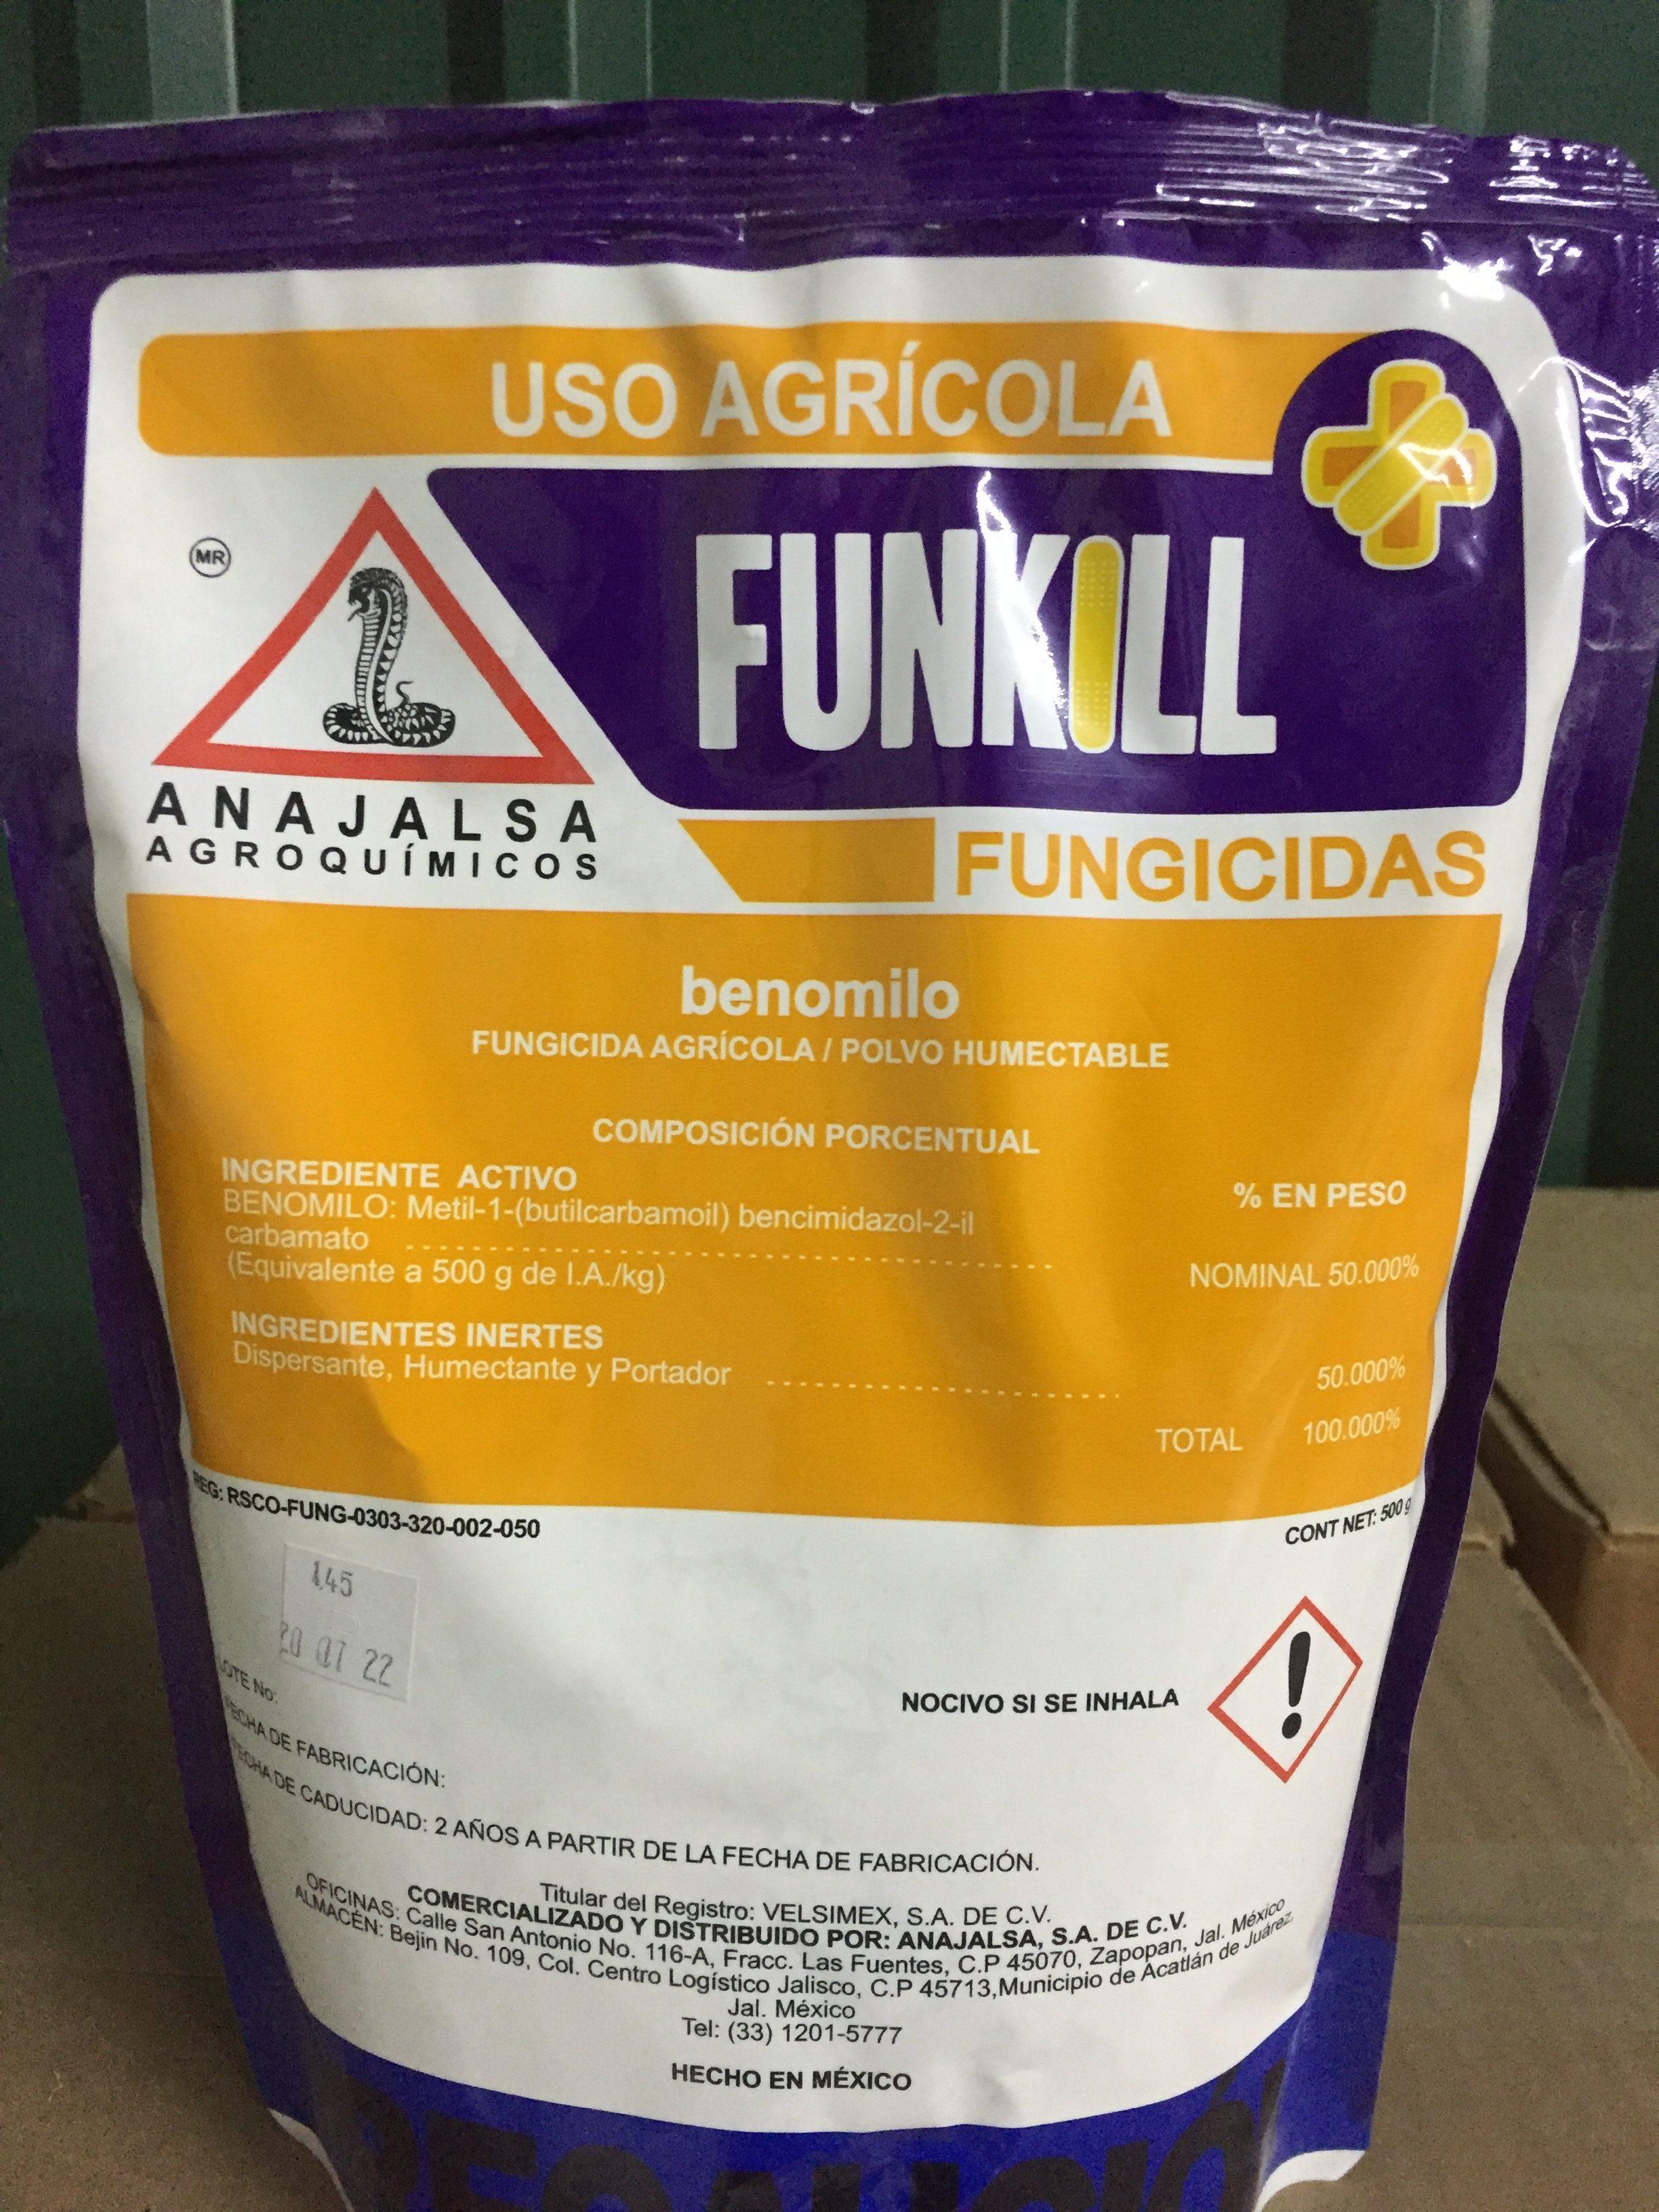 Funkill